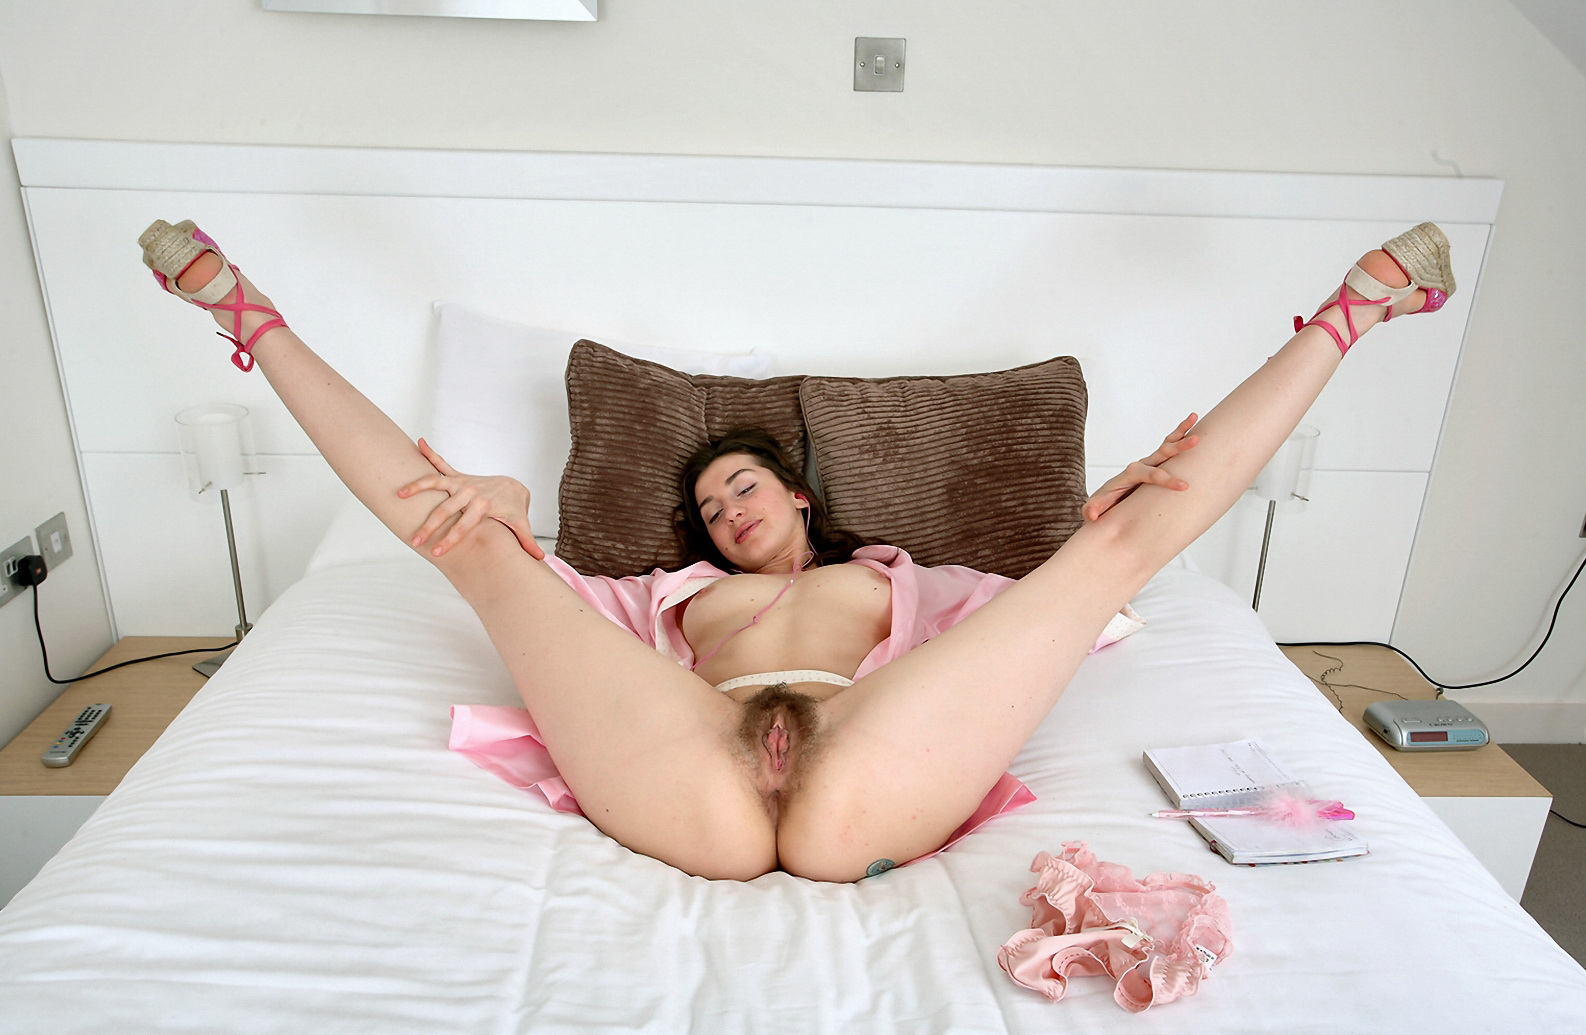 Фото женщина с волосатыми ногами ласкает письку 4 фотография